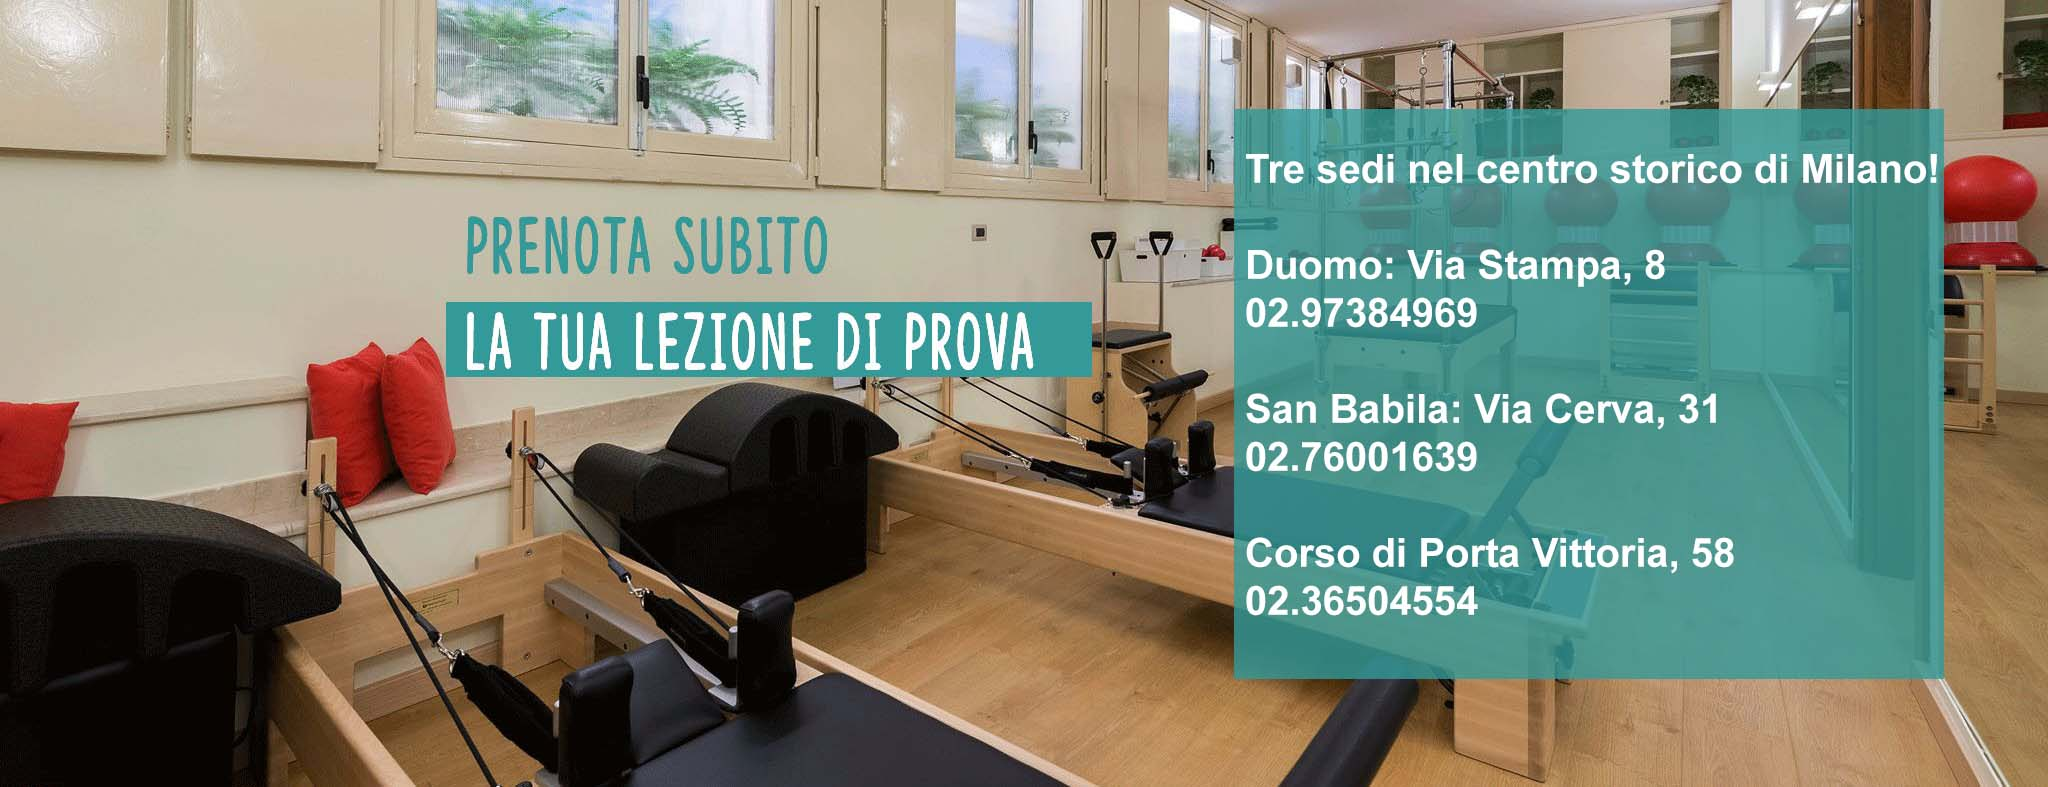 Pilates Pre Parto Cairoli Milano - Prenota subito la tua lezione di prova